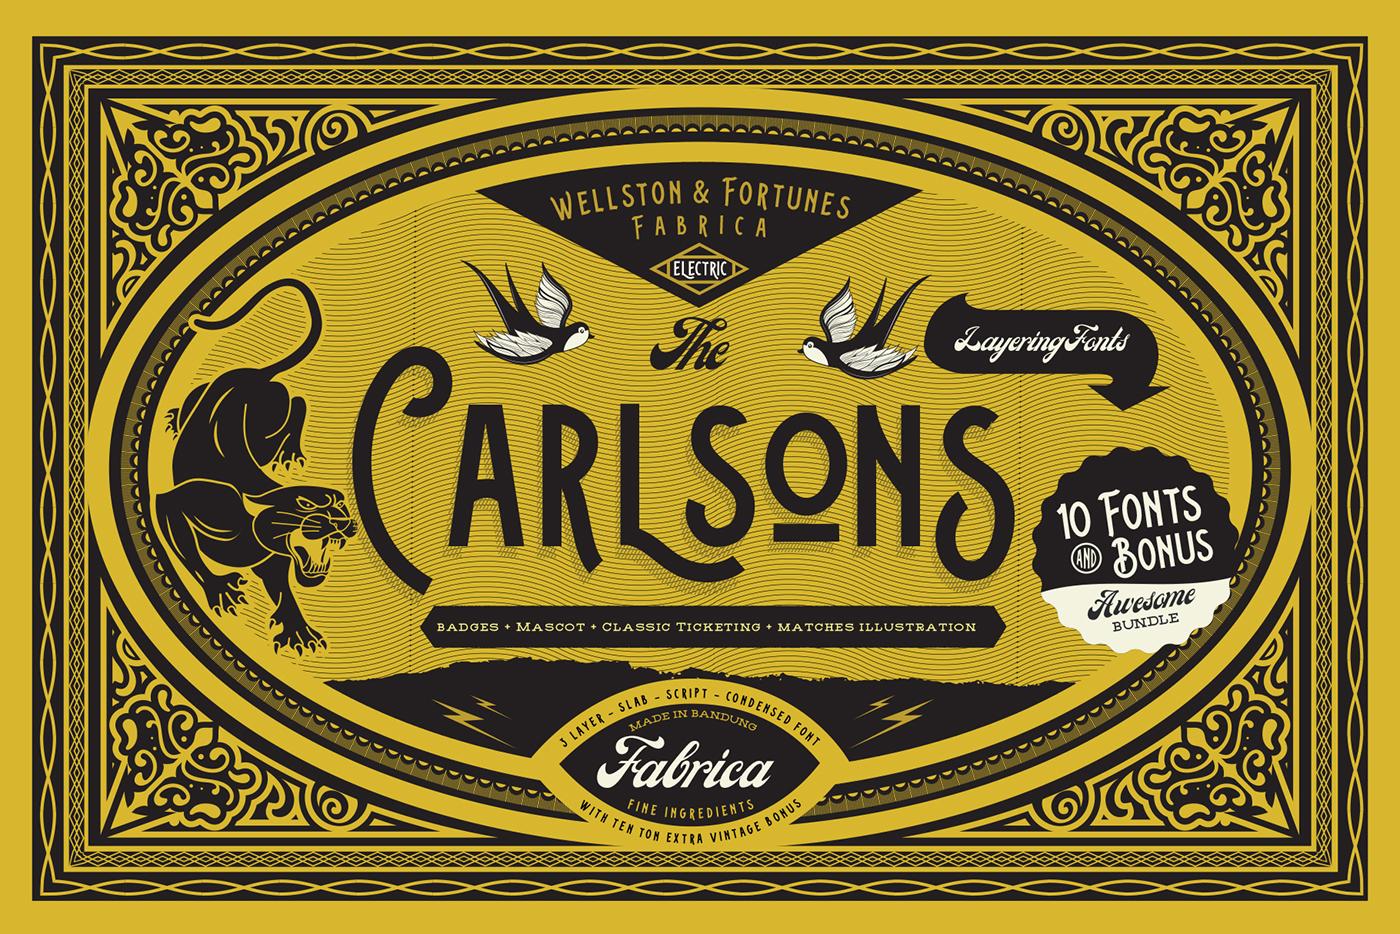 Free Download: Carlsons Regular